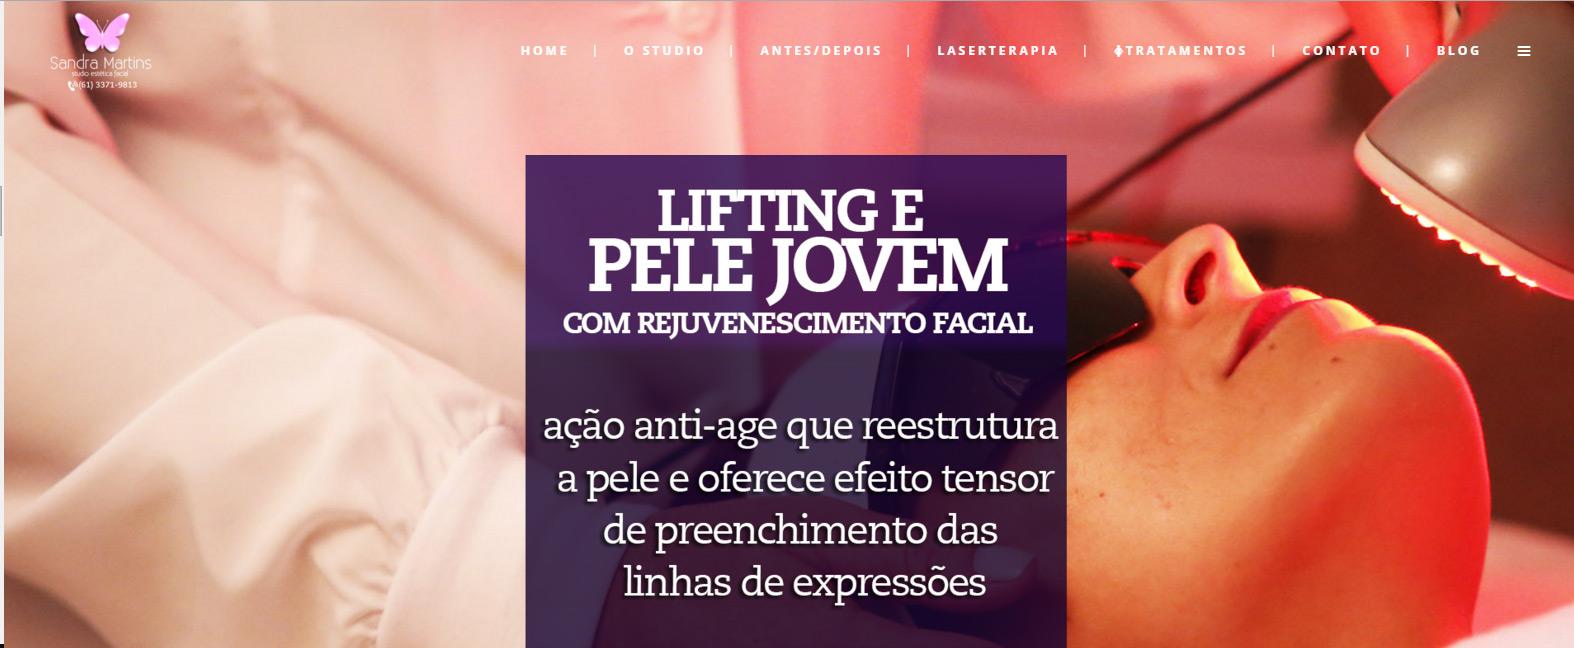 fotografia-publicitaria-linha-editorial.1